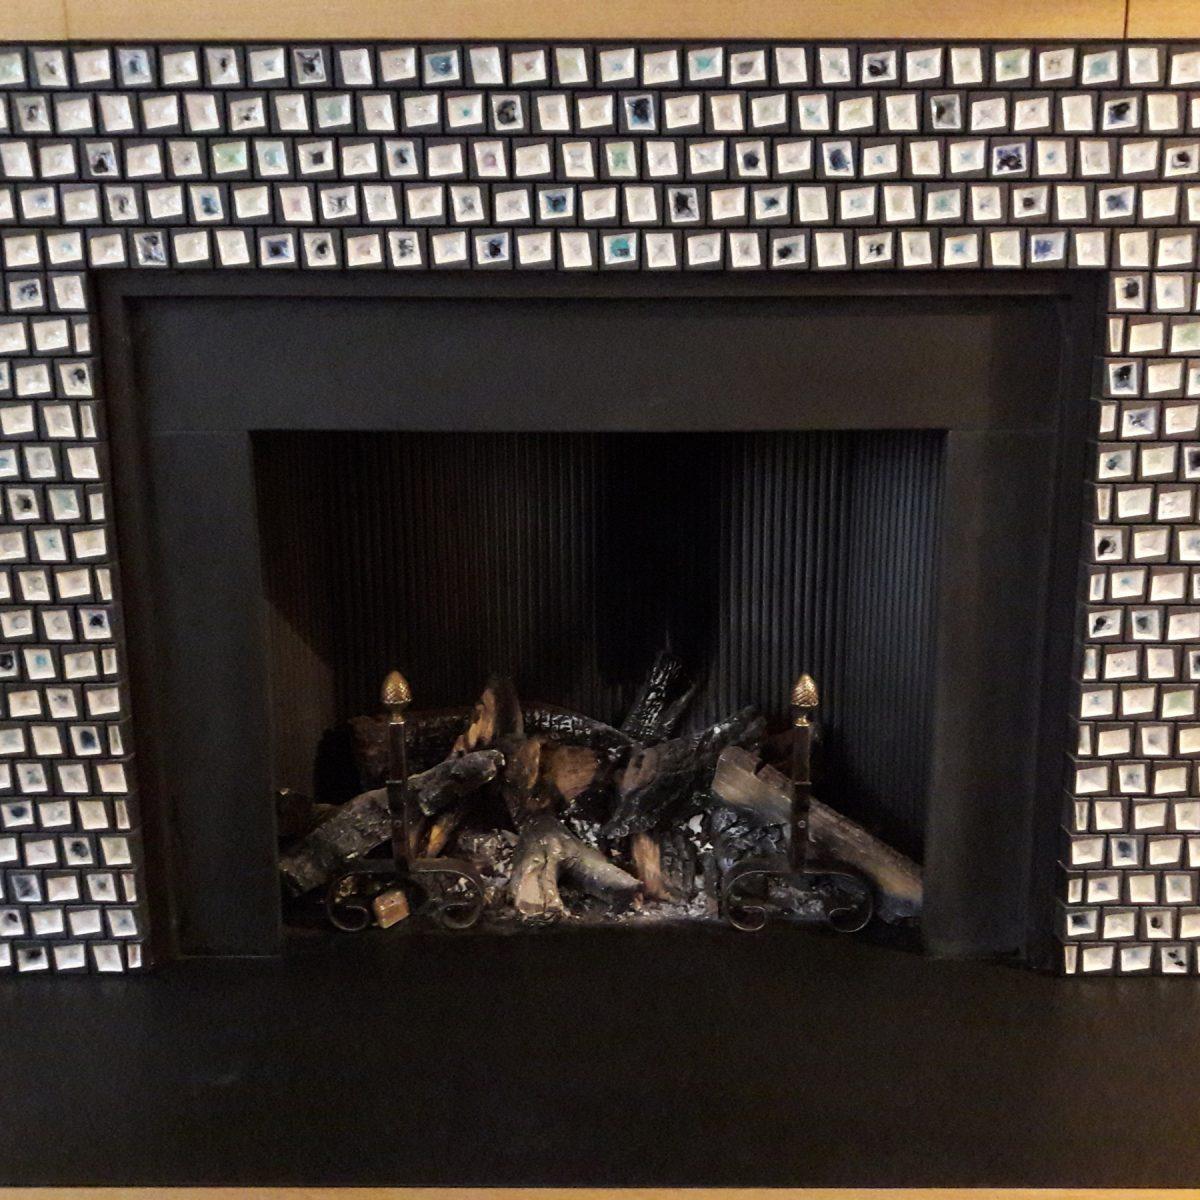 Cheminée, 2016, grès émaillée, 1,1x1,6 m, Londres.